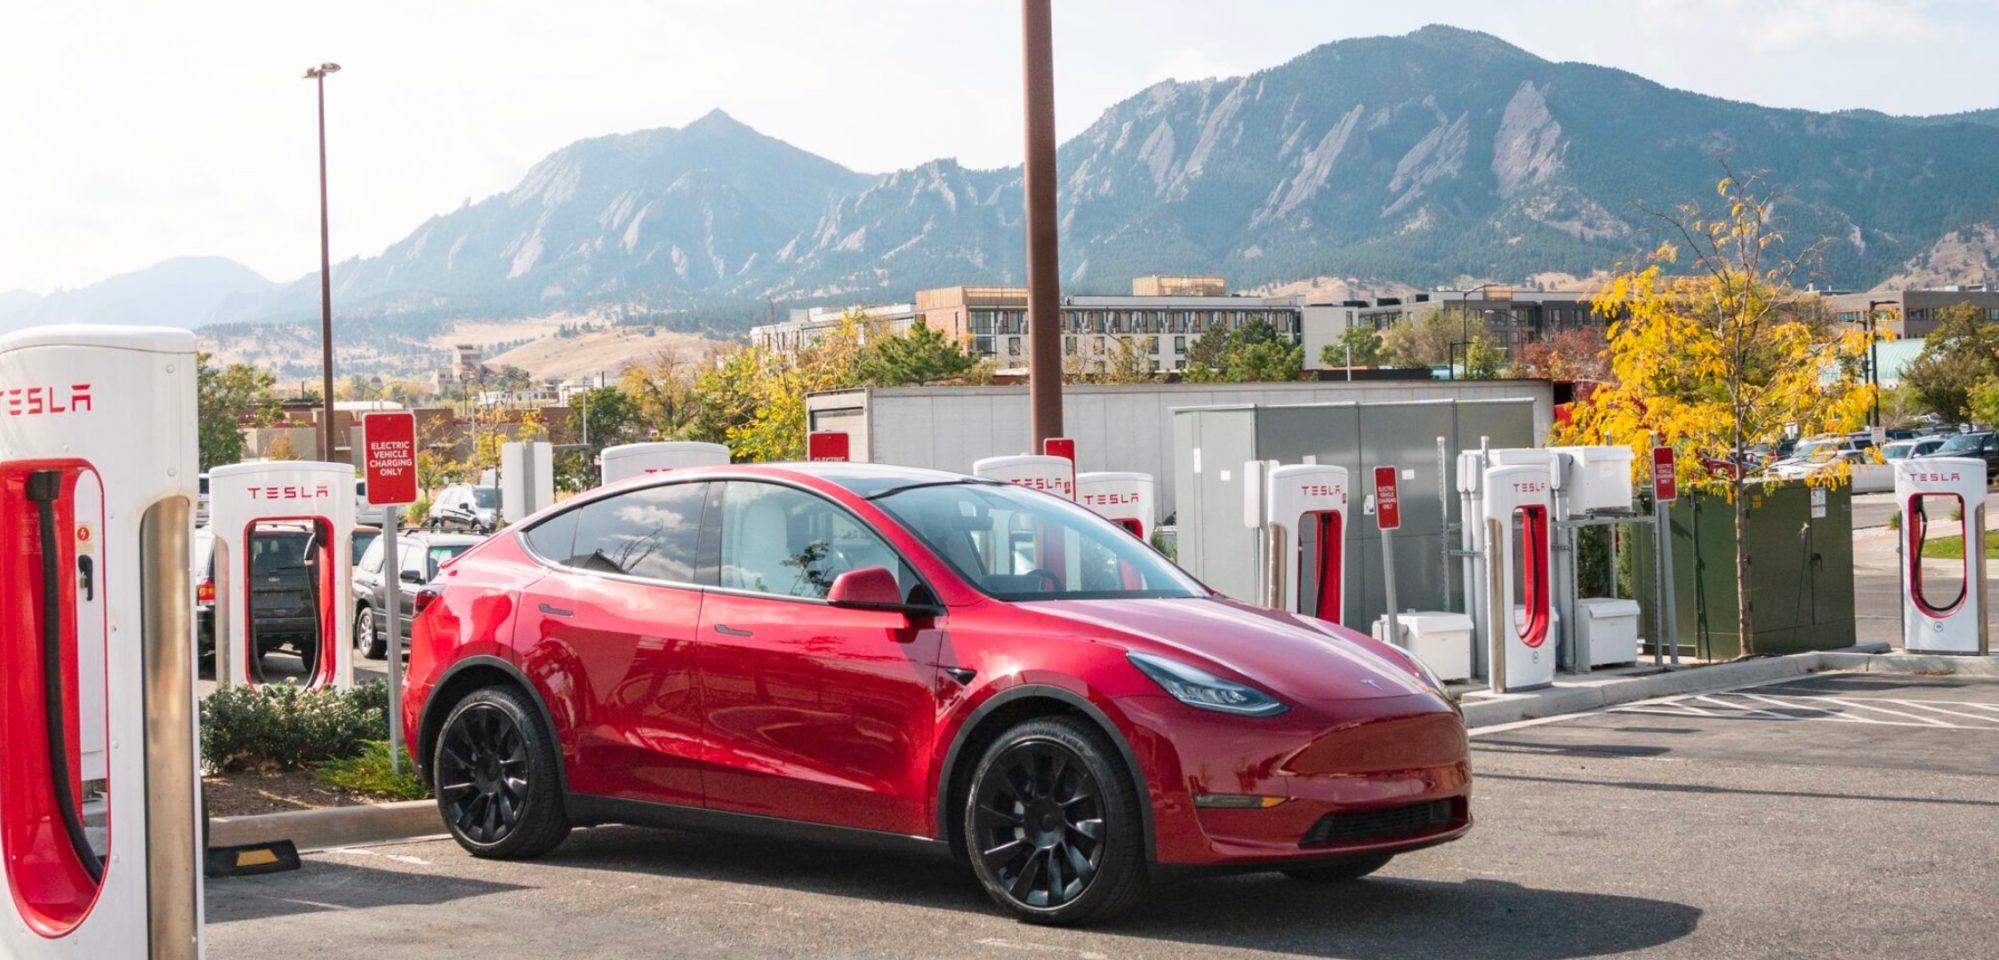 Tesla отзывает некоторые электромобили Tesla Model 3 и Model Y ради безопасности пользователей | PHP.RU